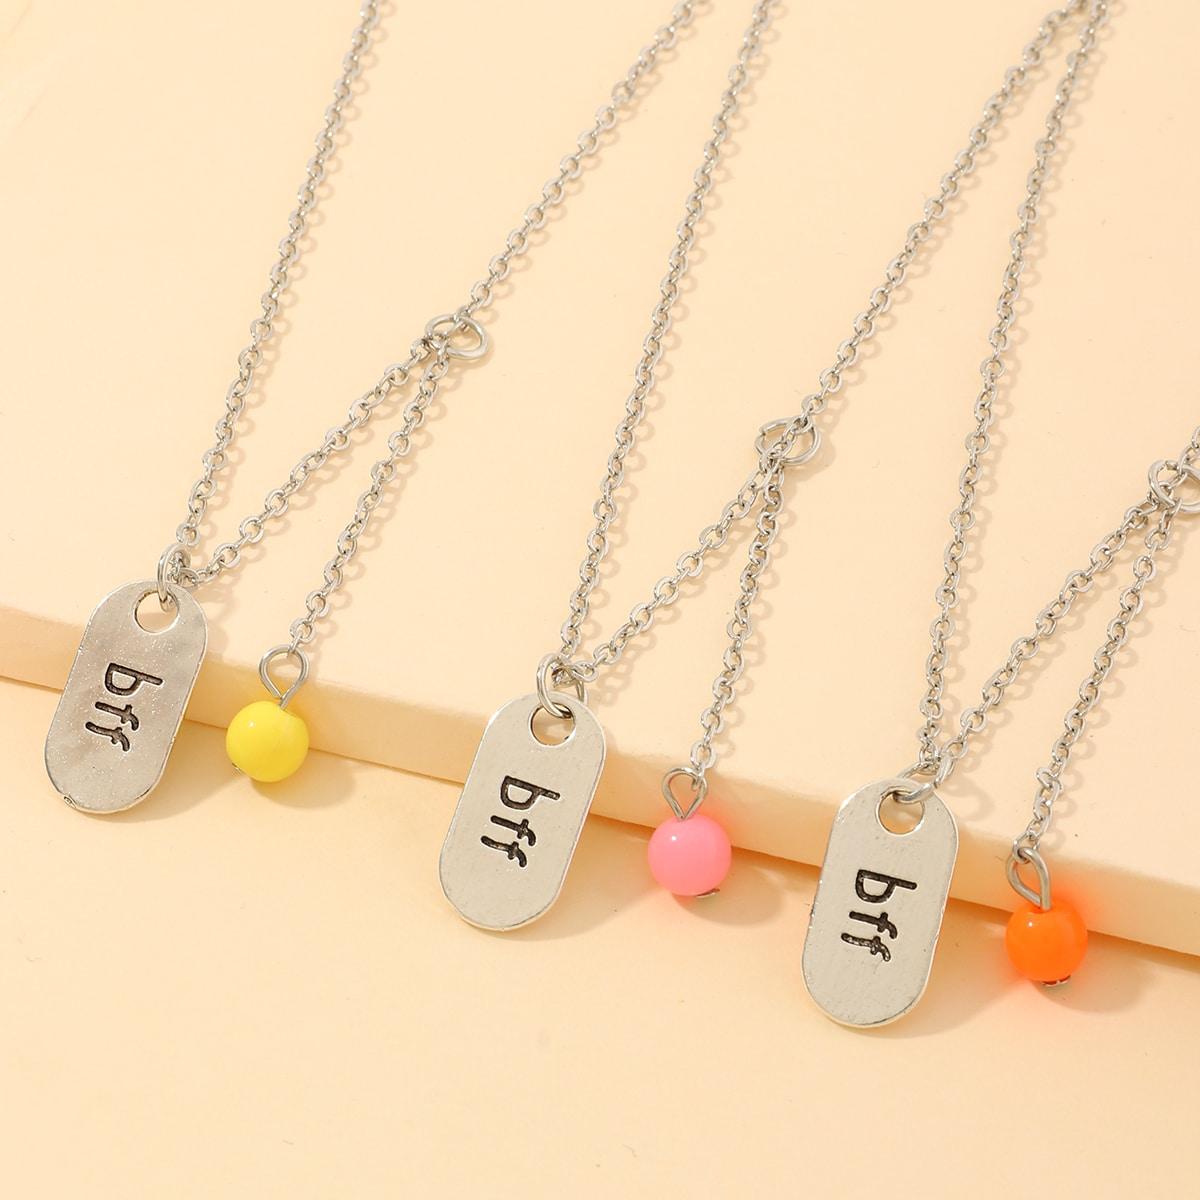 Ожерелье с текстовой гравировкой для девочек 3шт